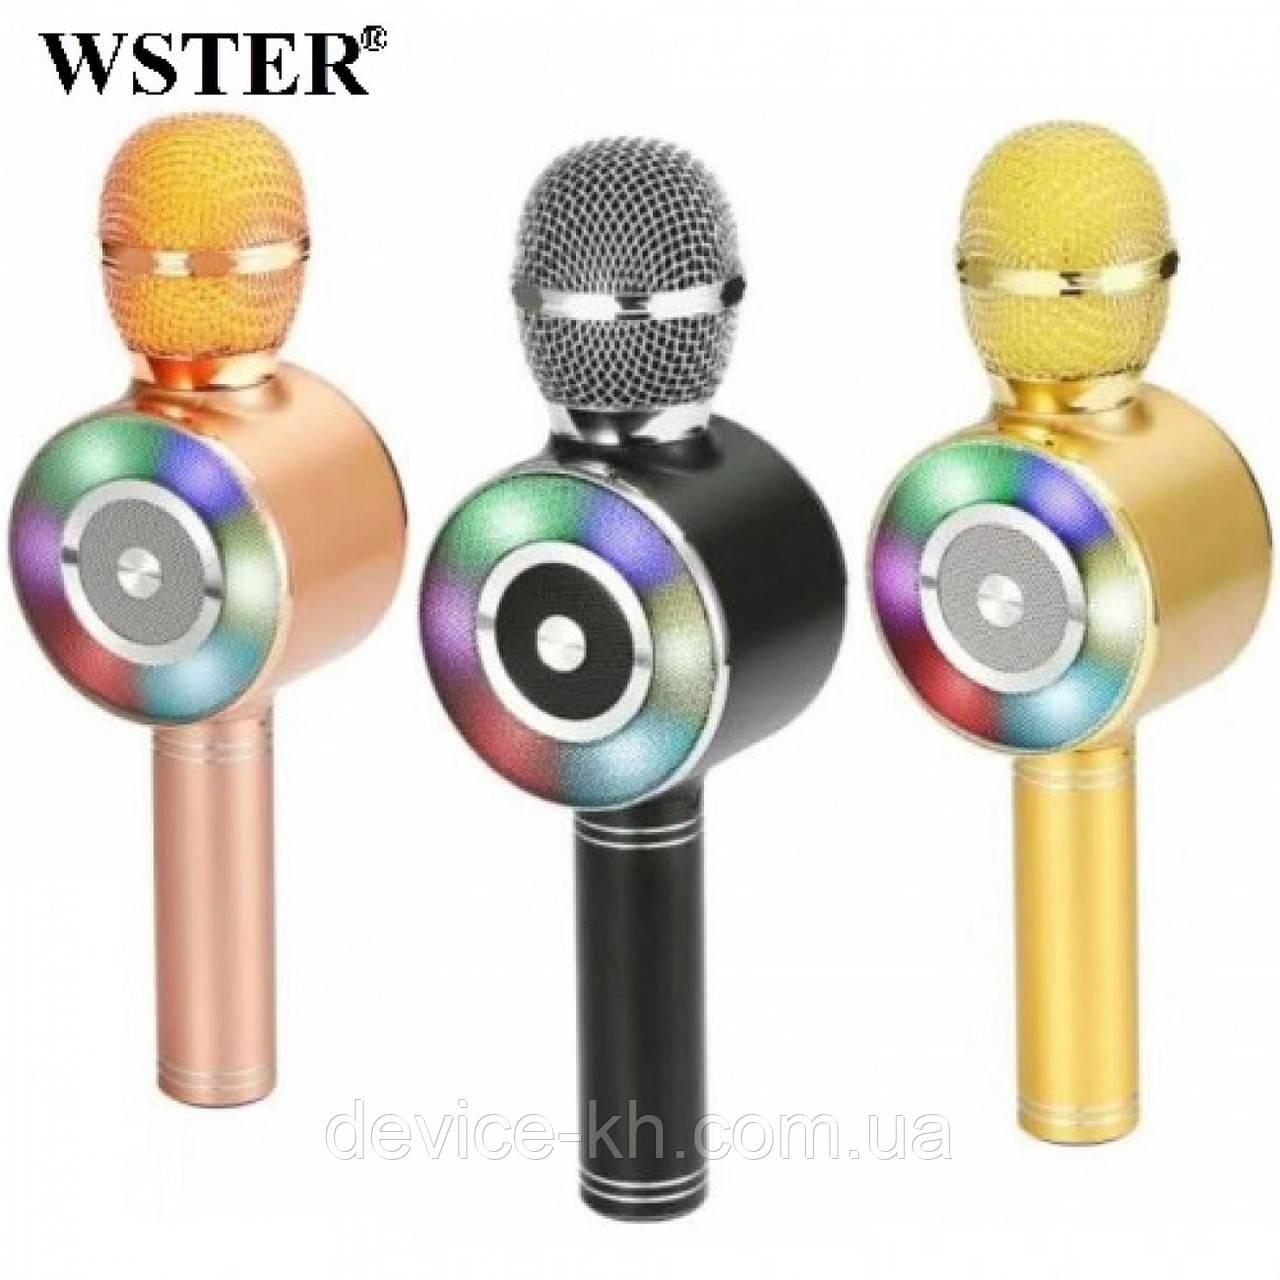 Микрофон с функцией Караоке Колонки Wster WS-669 (USB, microSD, AUX, Bluetooth)